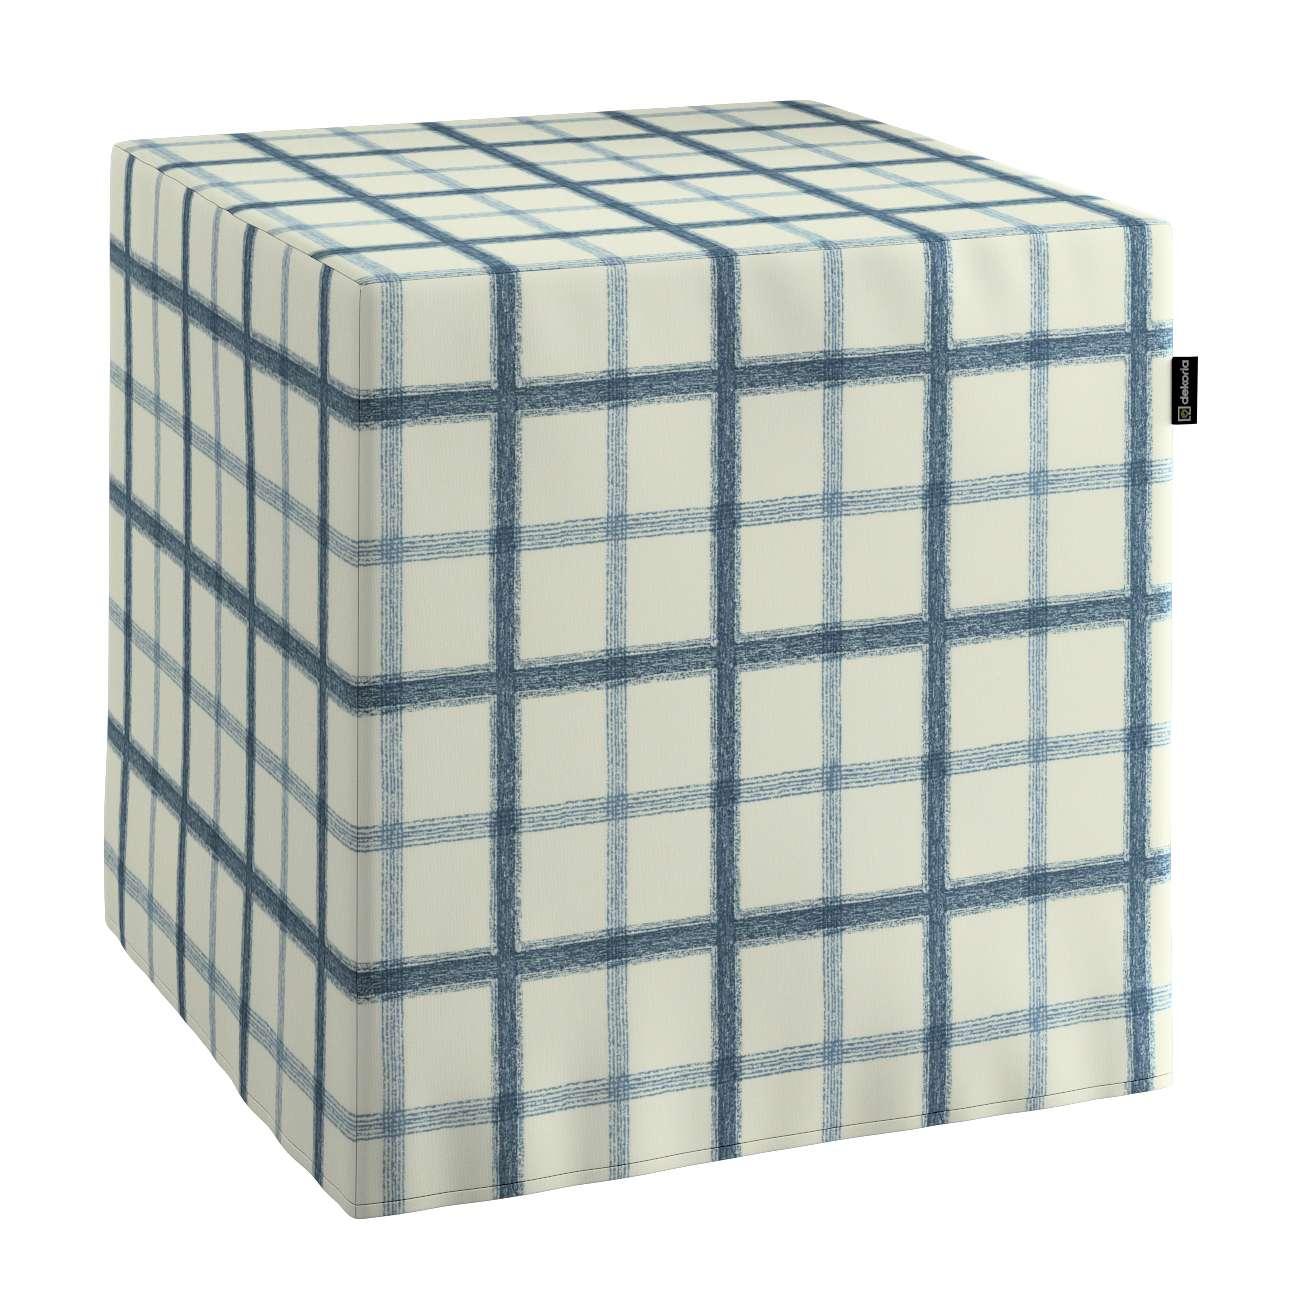 Pokrowiec na pufę kostke kostka 40x40x40 cm w kolekcji Avinon, tkanina: 131-66